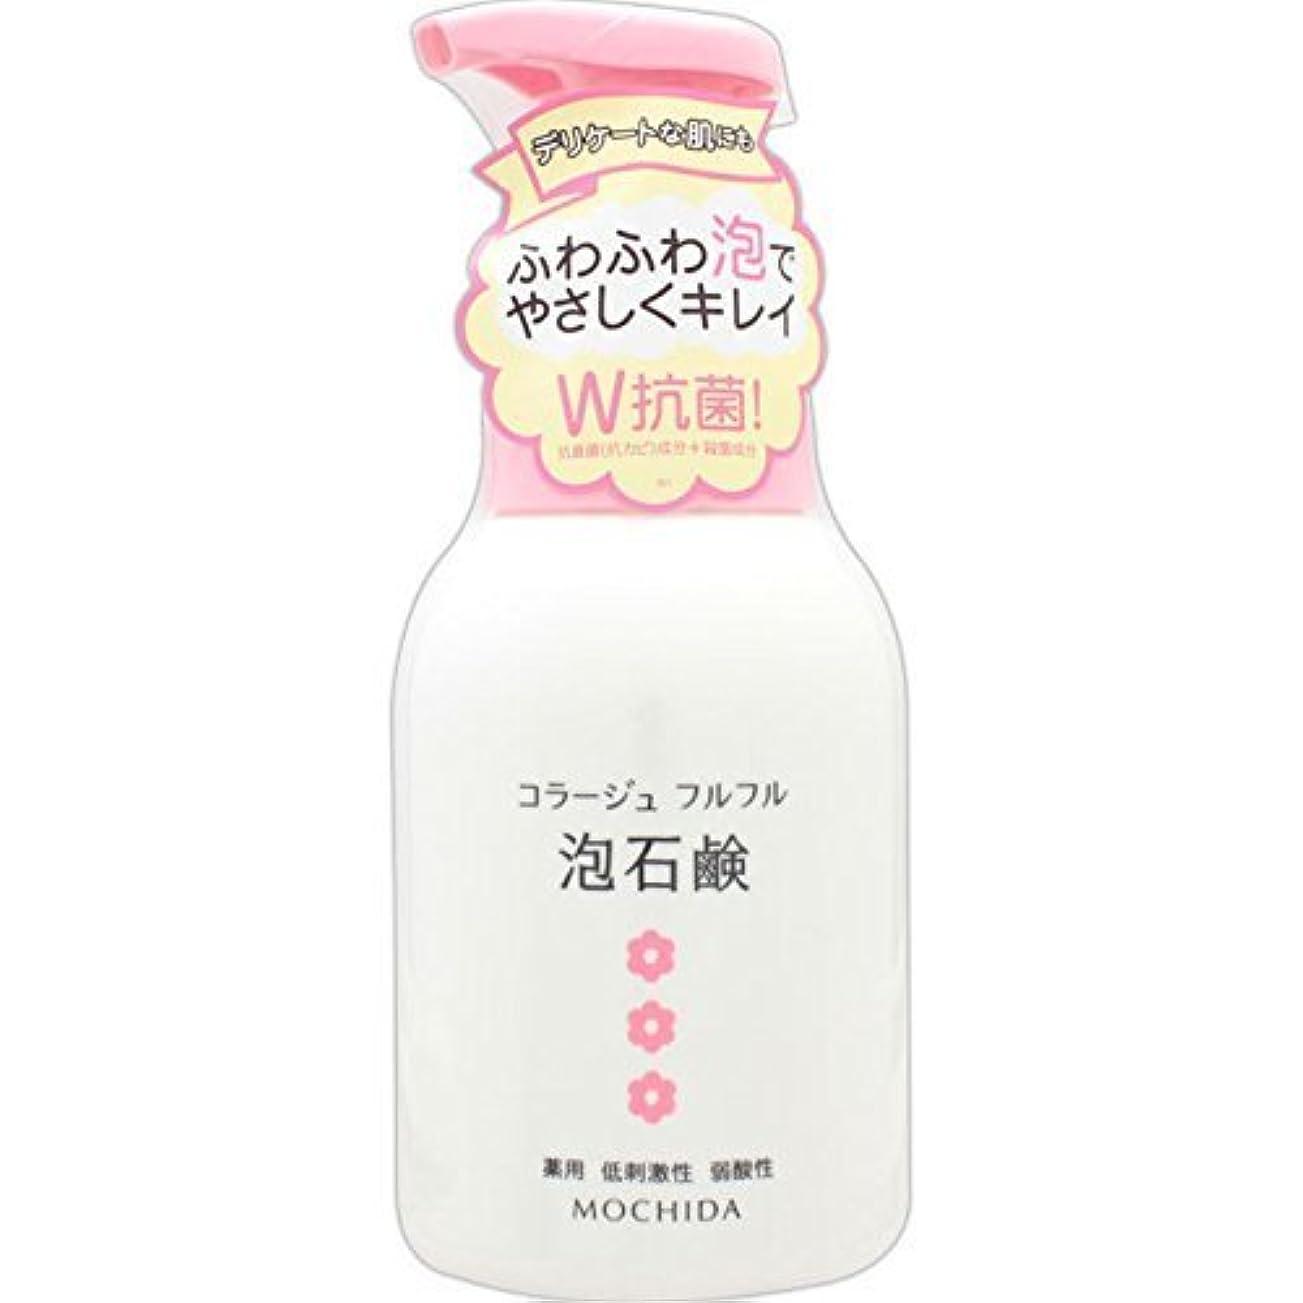 血まみれ伴うフラフープコラージュフルフル 泡石鹸 ピンク 300m L (医薬部外品) ×5